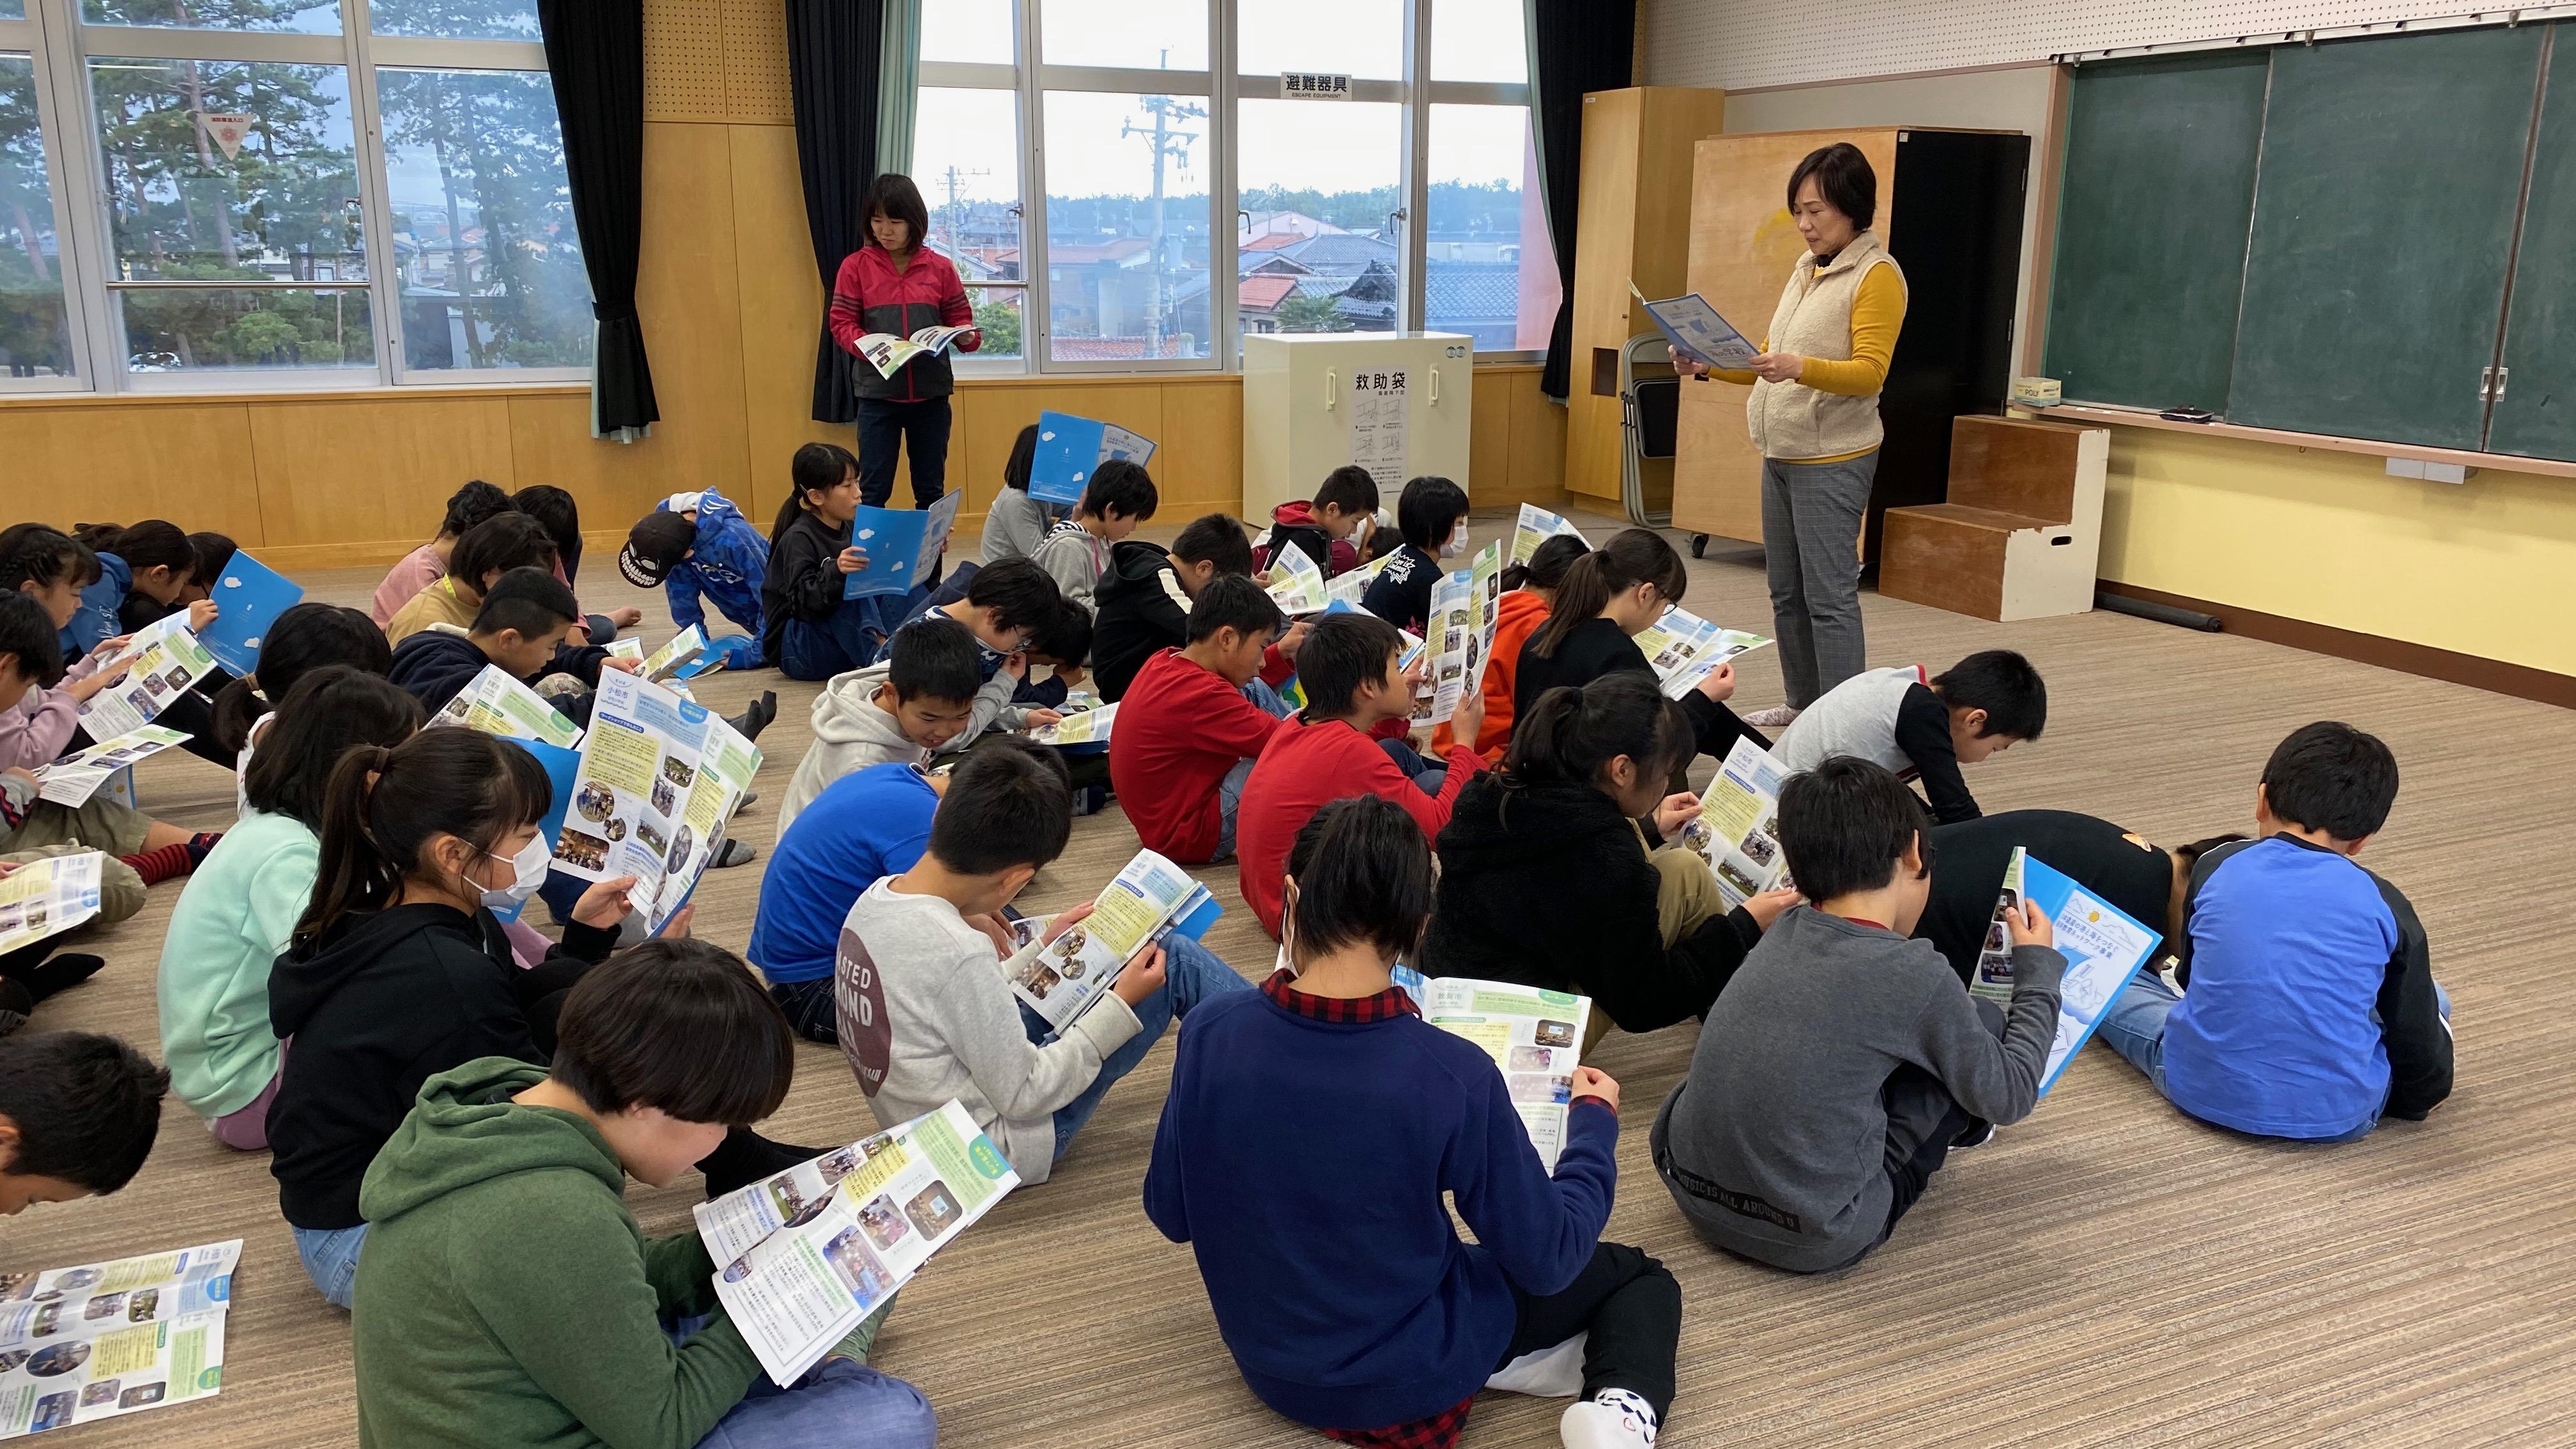 日本遺産の港と海をつなぐ海洋教育ネットワーク事業 in 石川2 〜海と日本PROJECT〜